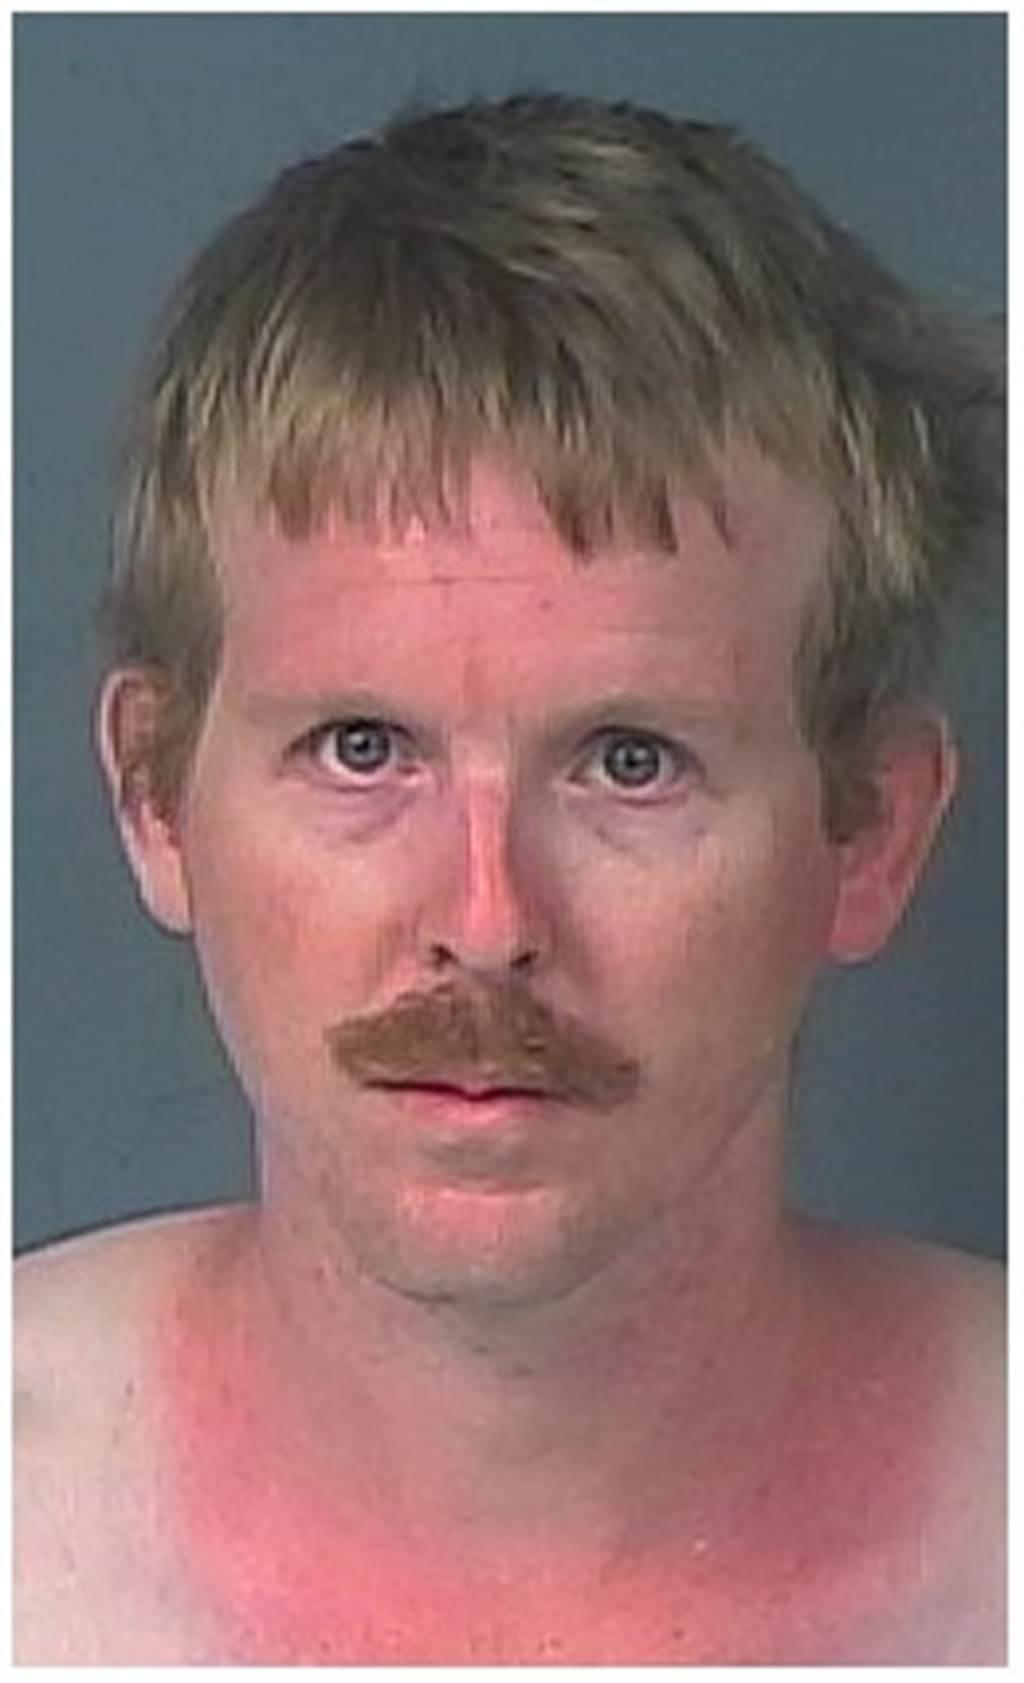 此名大叔不願遠距離戀愛,乾脆直接入住少女衣櫃中。(臉書Hernando County Sheriff's Office)